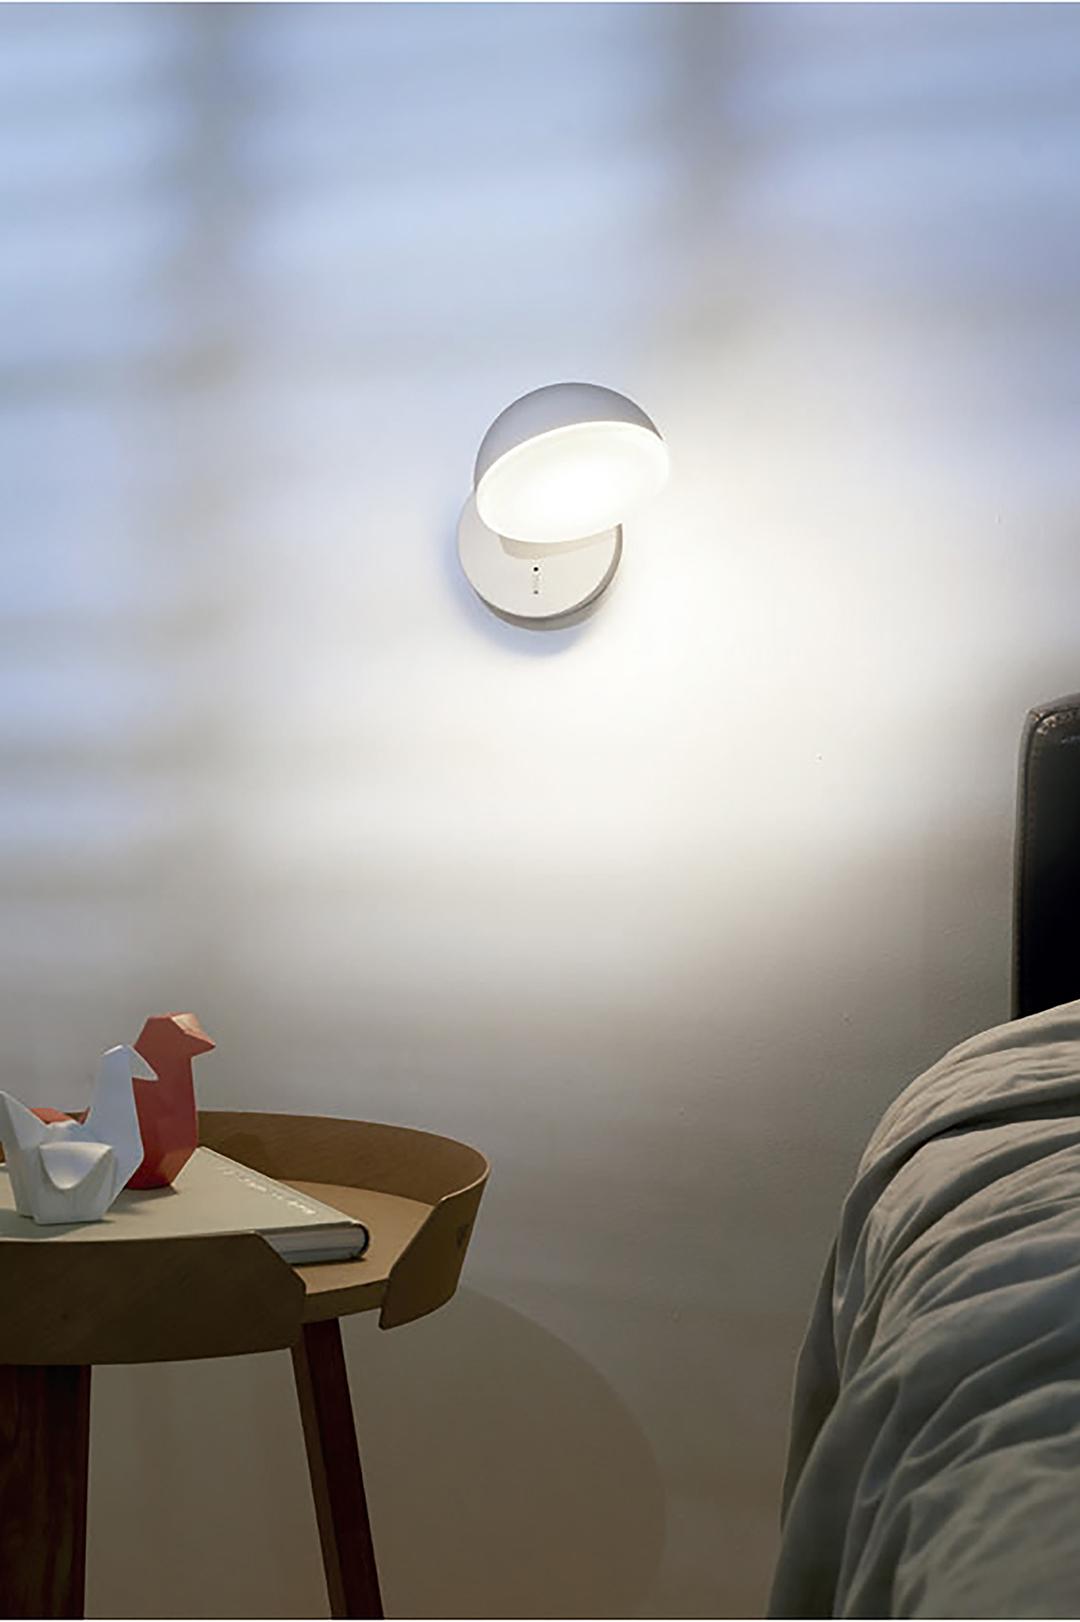 Halbrunde Wandlampe mit Schalter weiß matt in Funktion